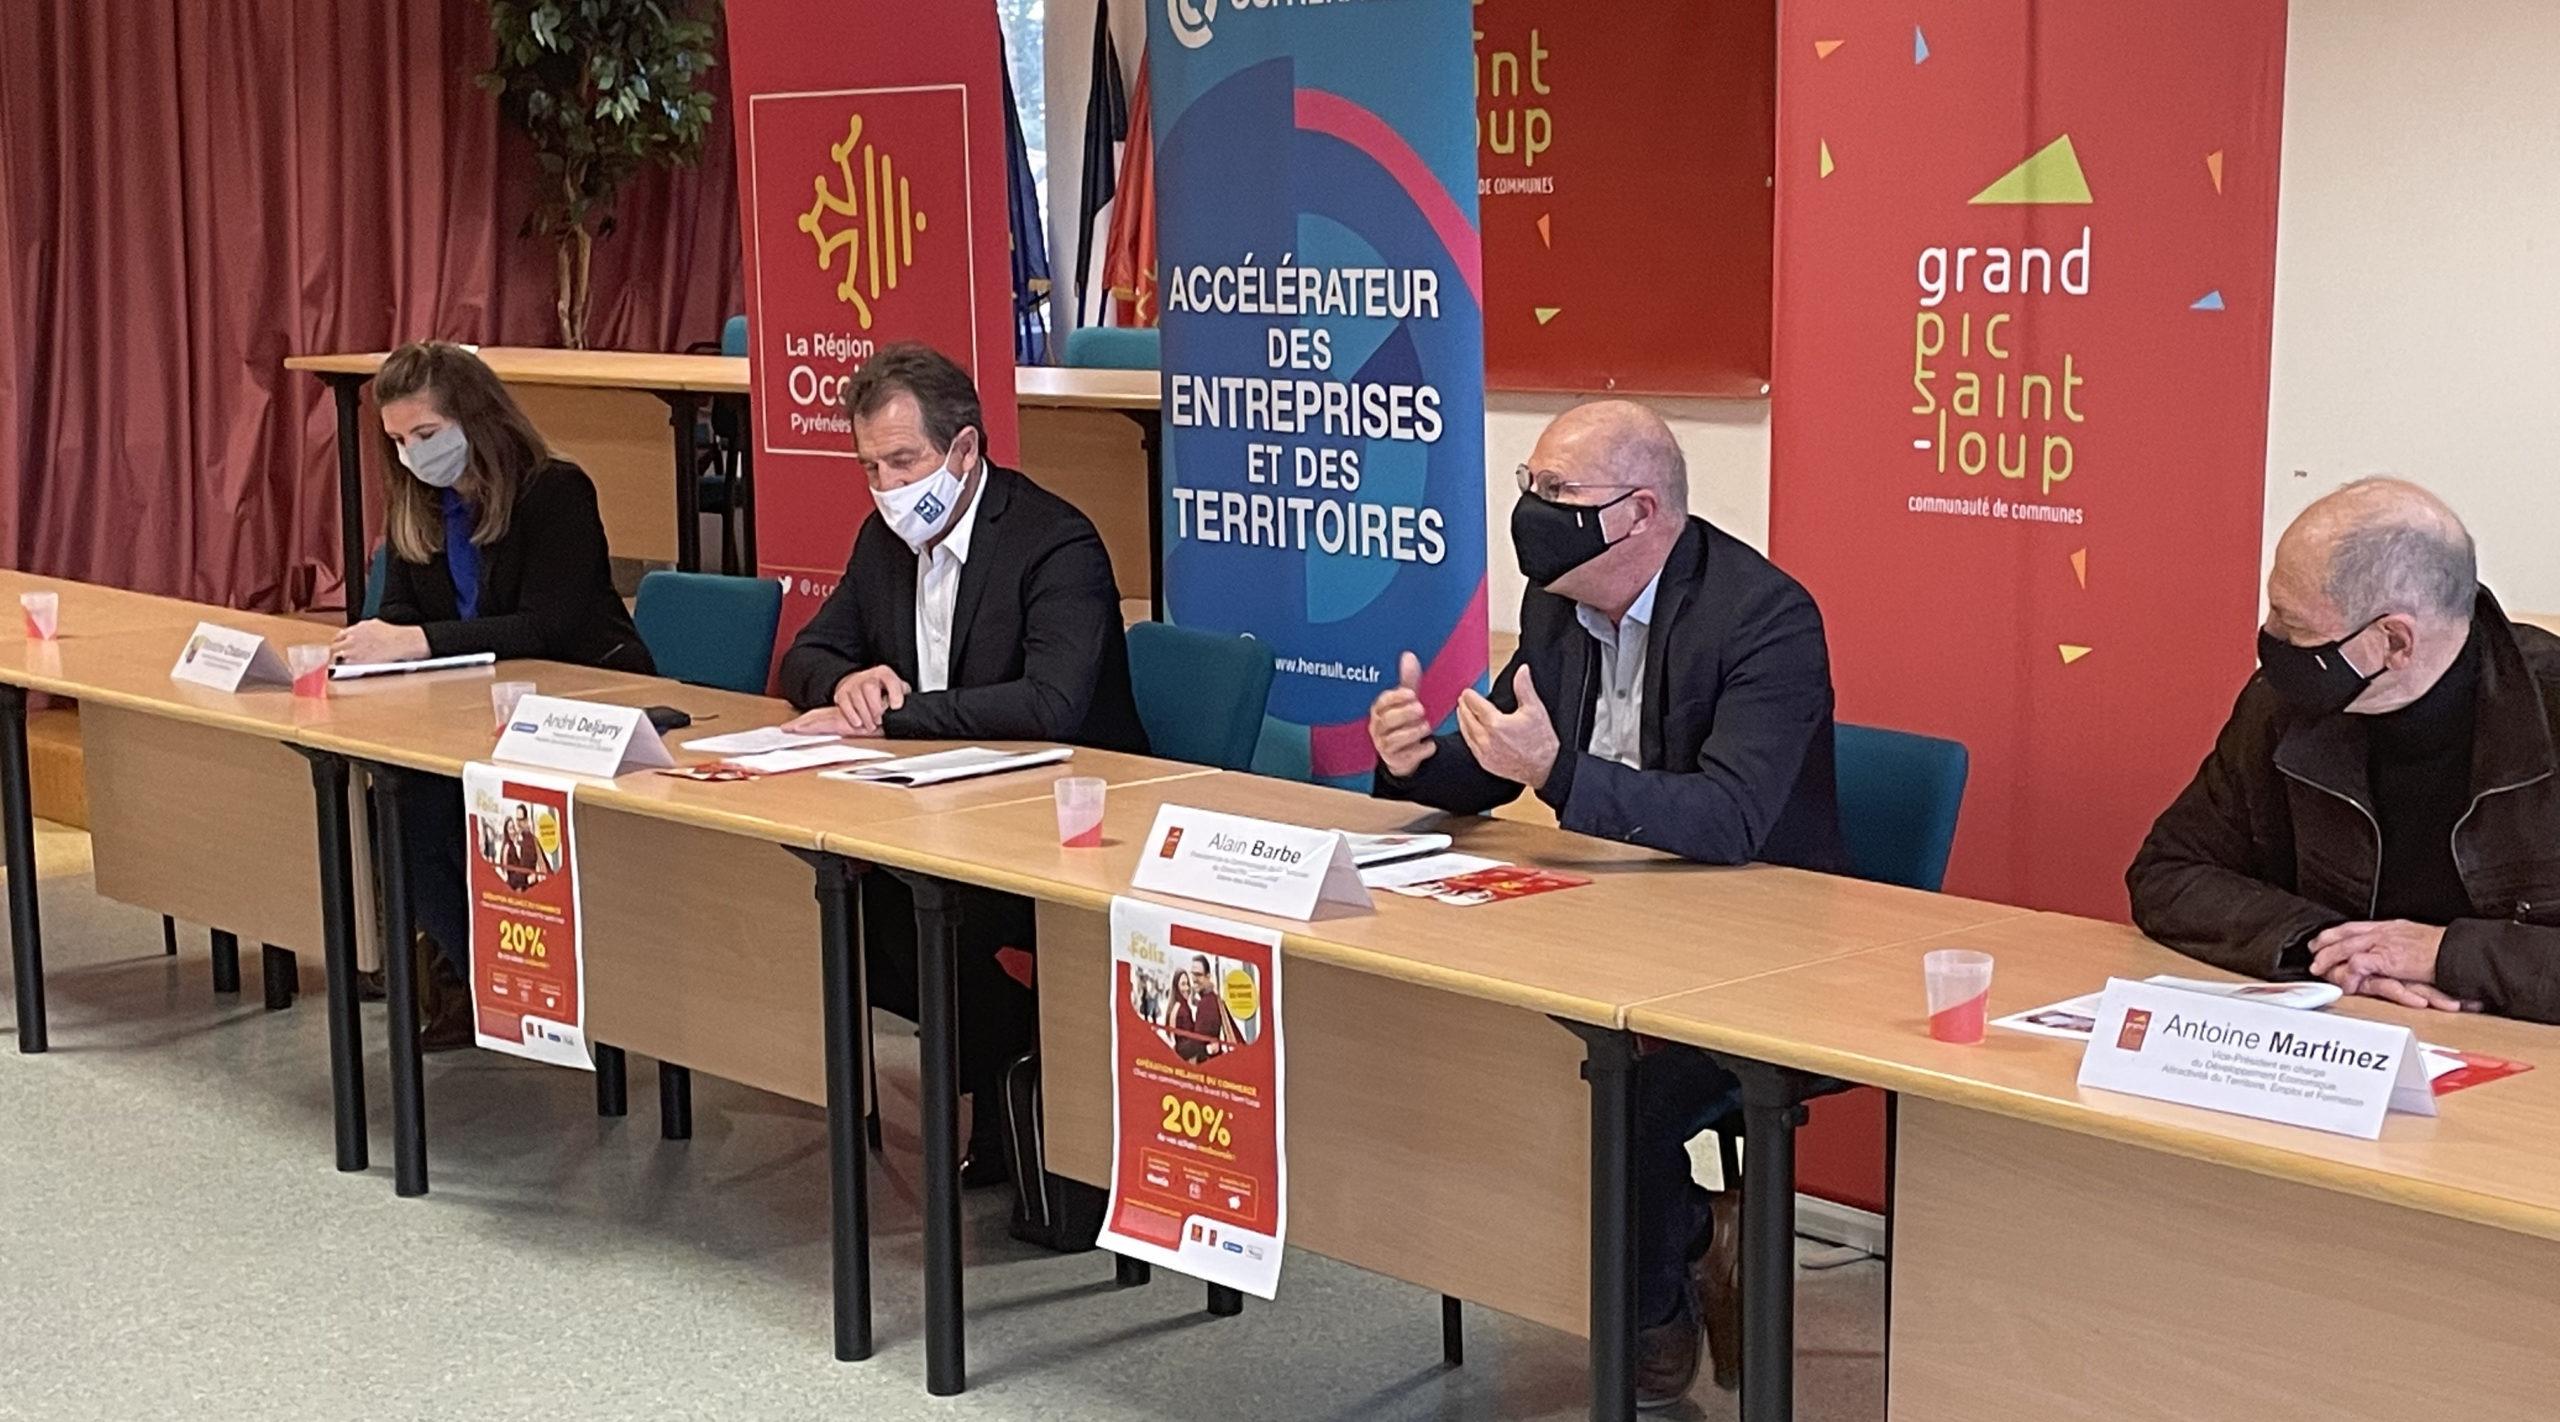 De g. à d. : Blandine Chabanol, André Deljarry, Alain Barbe, Antoine Martinez. Photo : CCGPSL